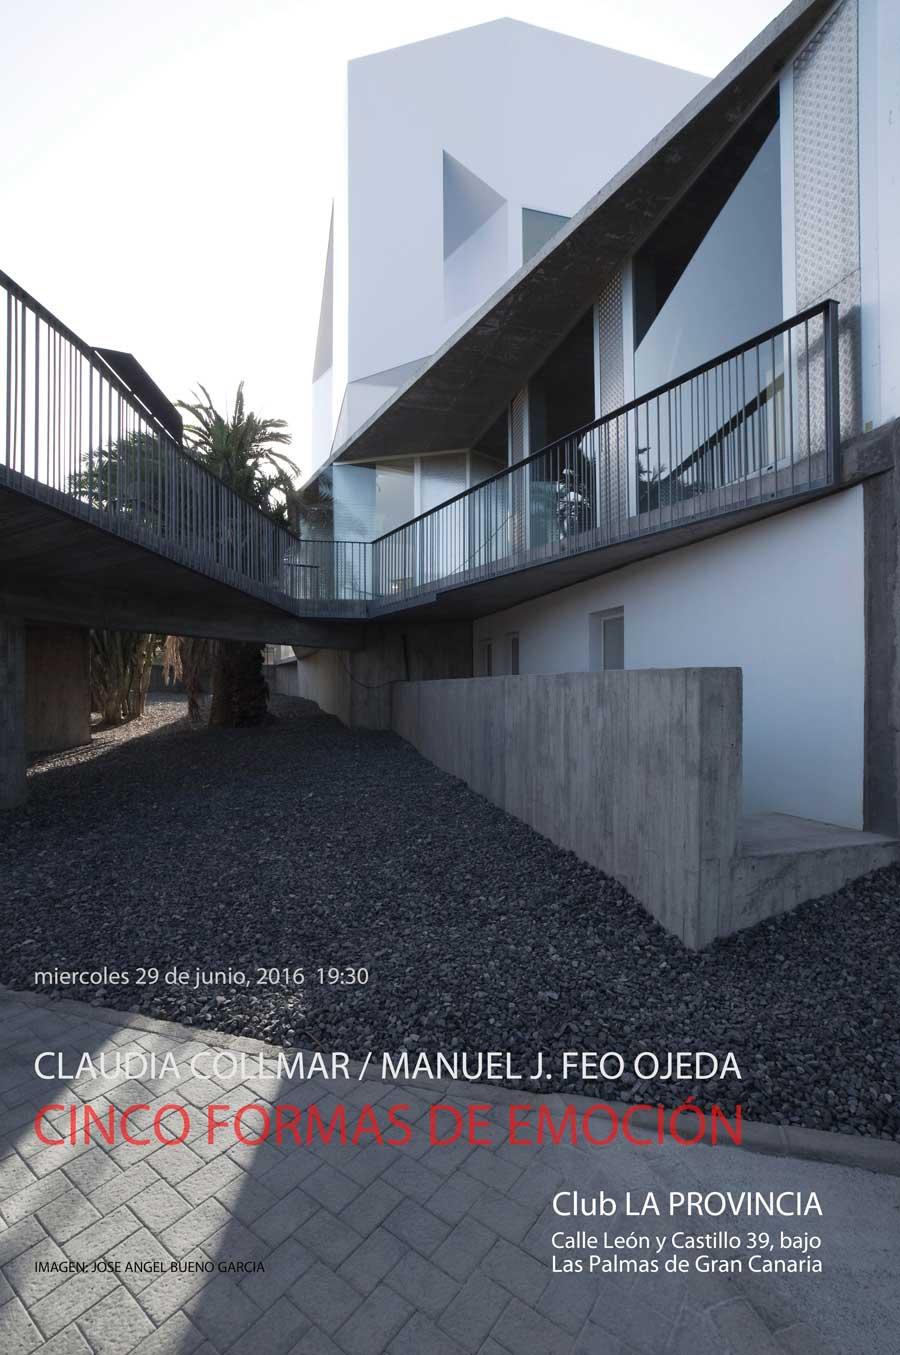 Conferencia Collmar / Feo